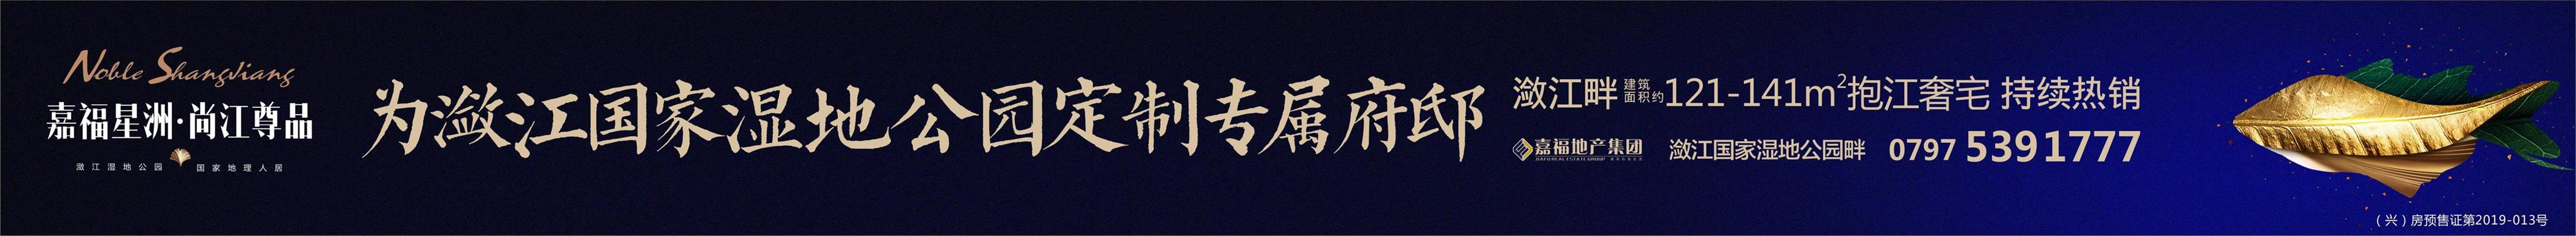 嘉福星洲.尚江尊品